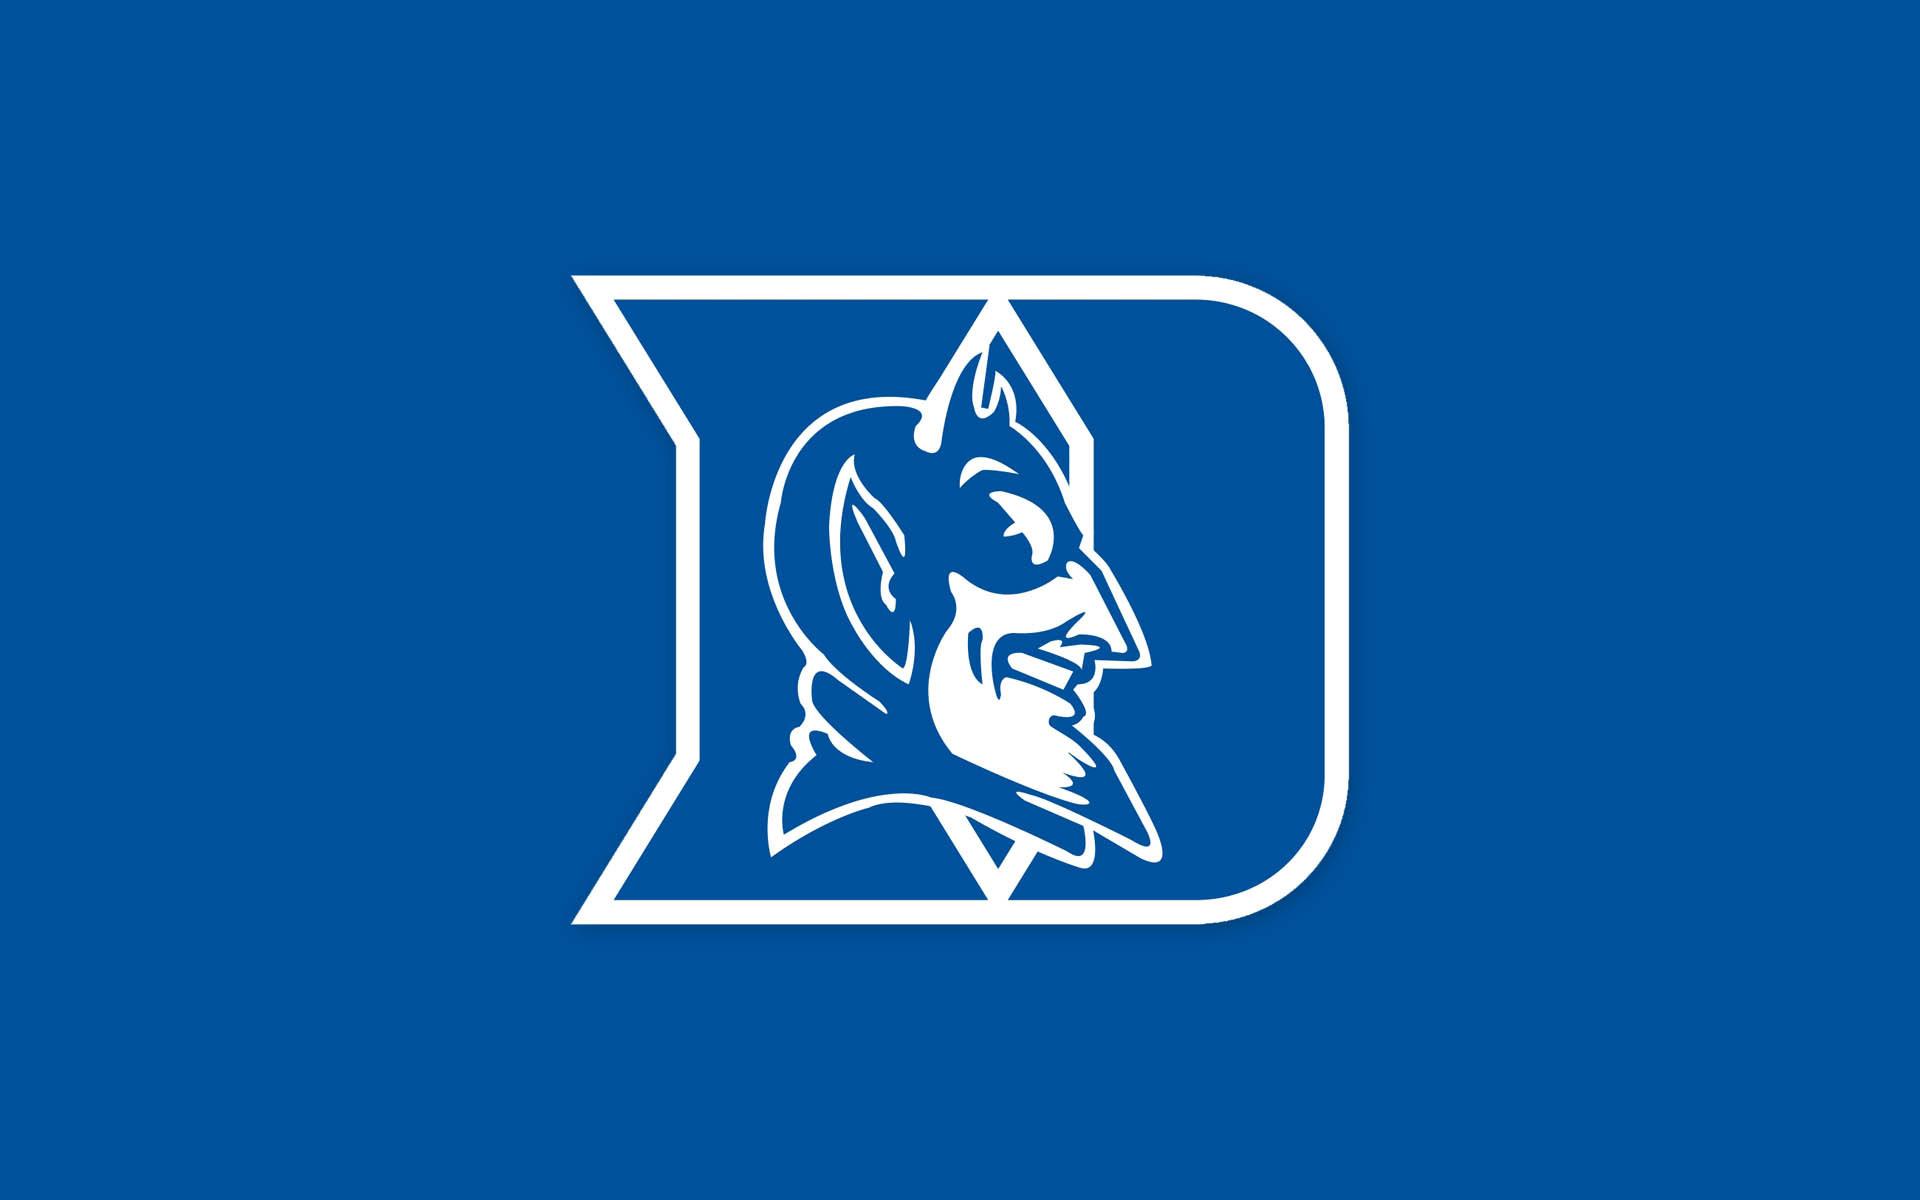 duke-university-basketball-wallpaper